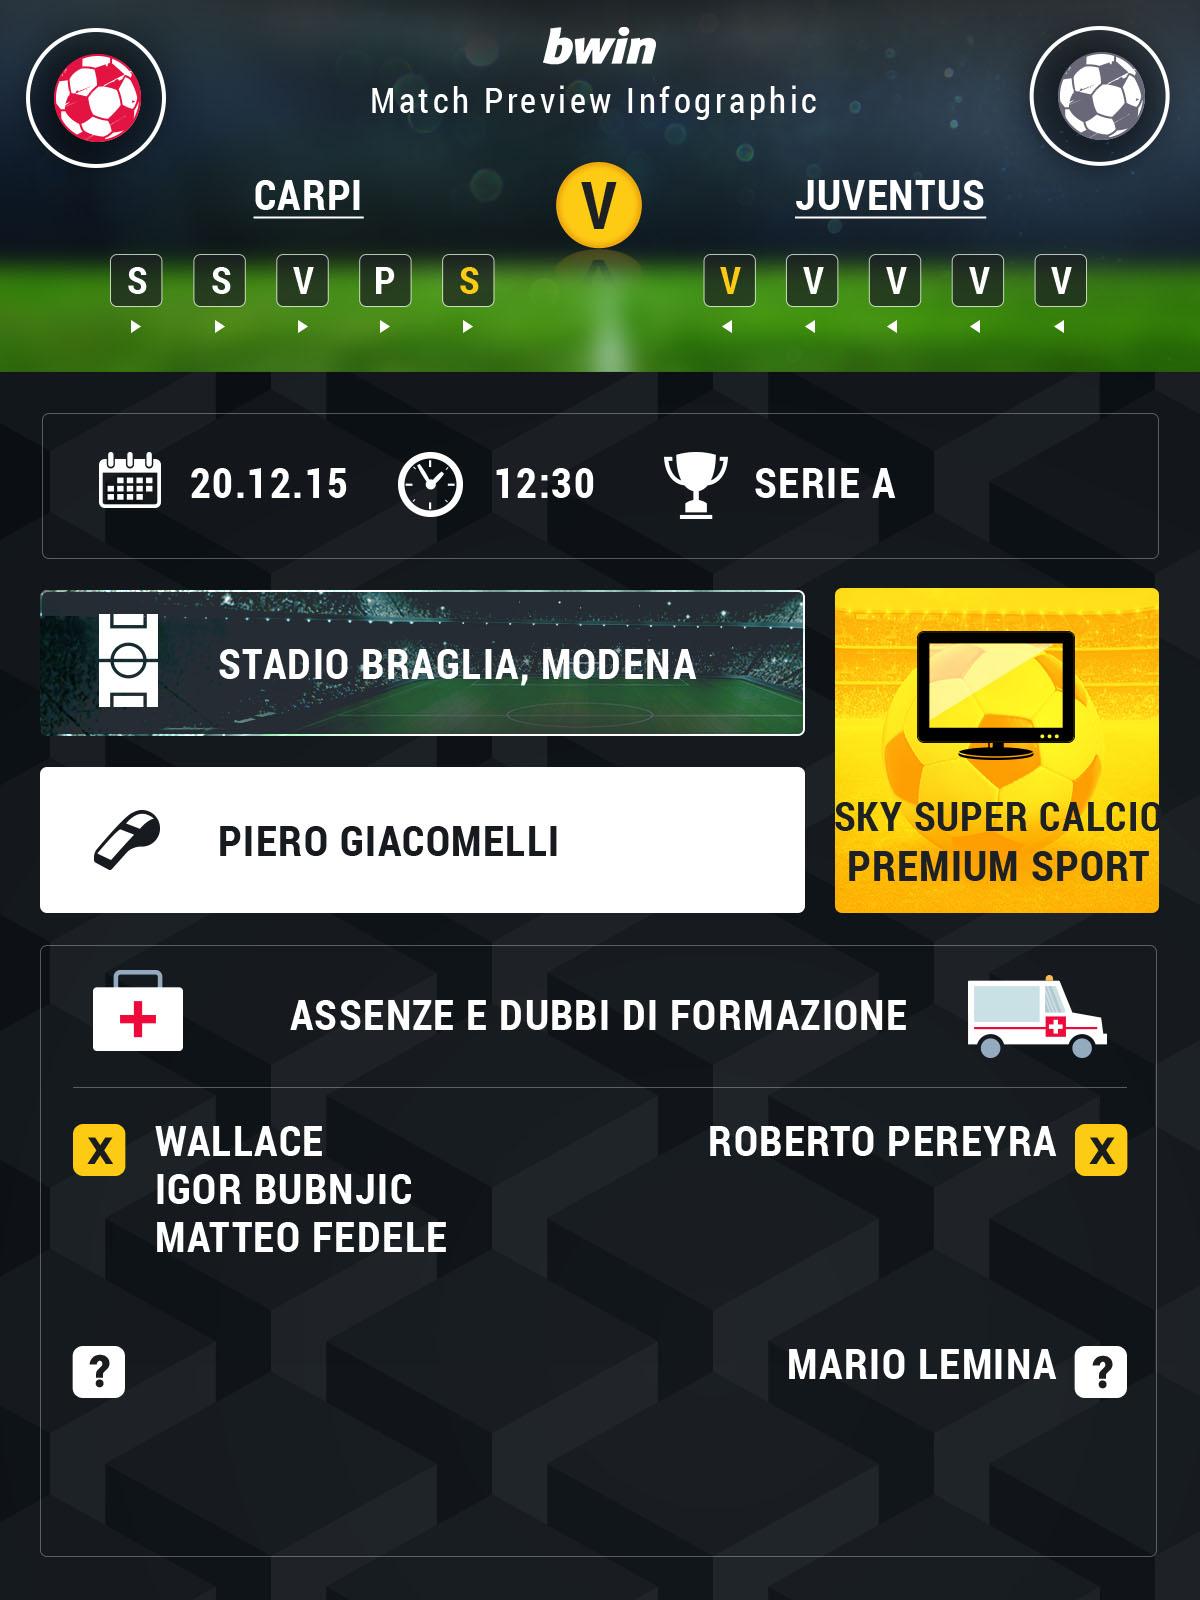 Carpi-Juventus info